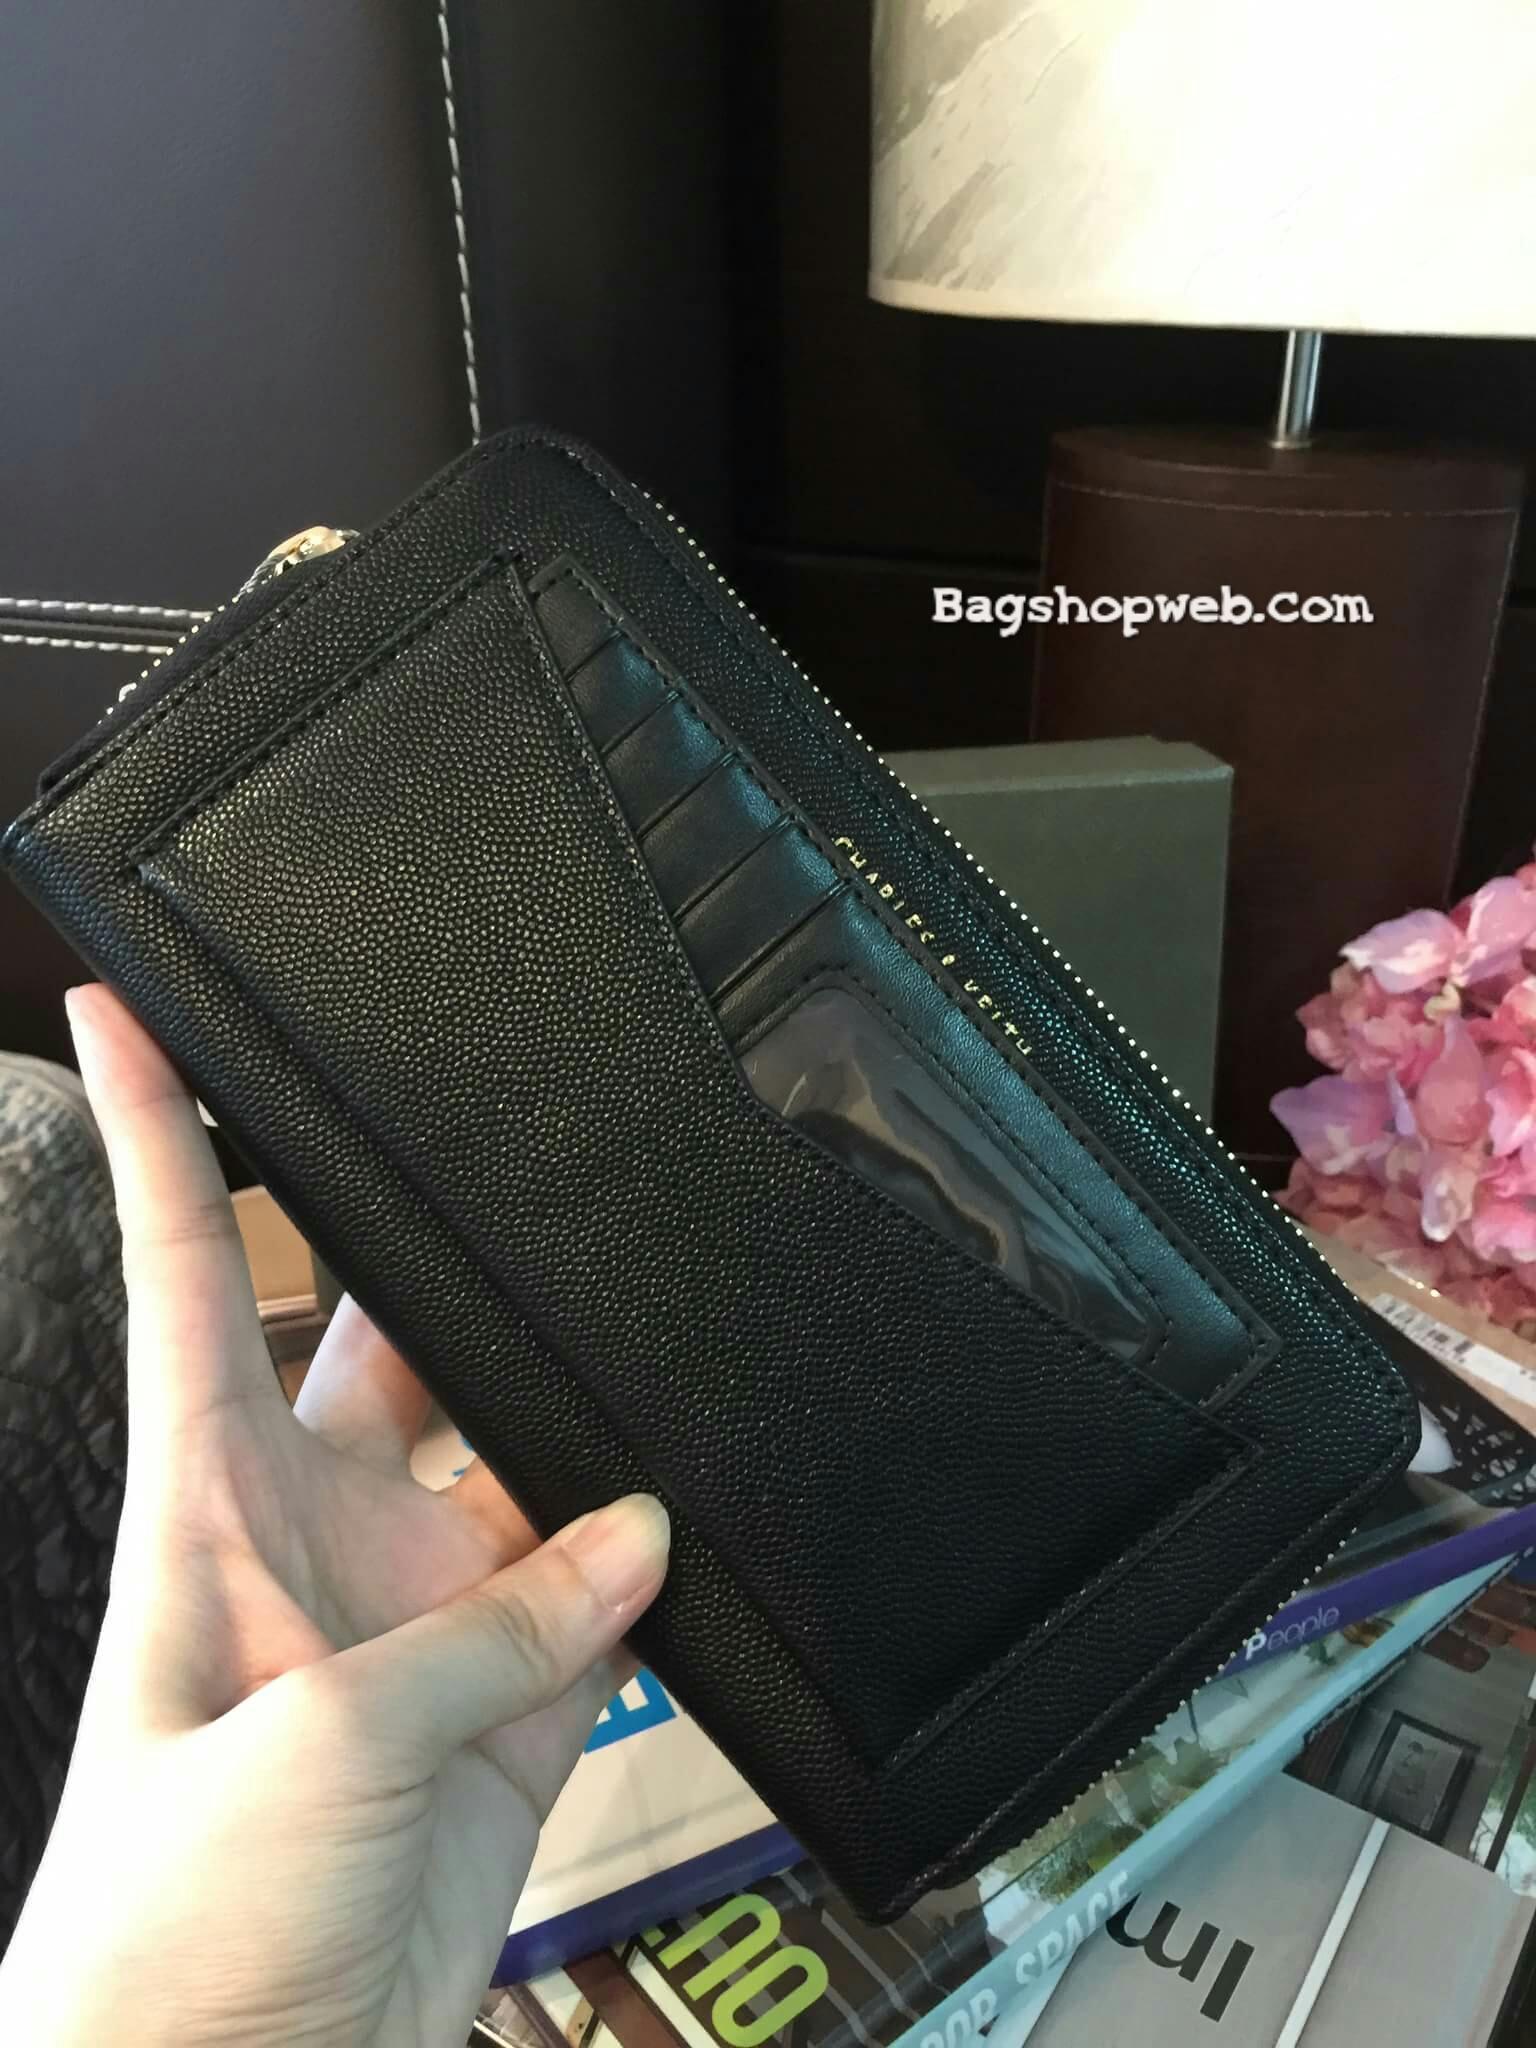 กระเป๋าสตางค์ใบยาว กระเป๋าเงิน CHARLES & KEITH LONG ZIP WALLET CK6-10770220 ซิปรอบ ใบยาว รุ่นใหม่ 2017 ชนชอป สิงคโปร์ - สีดำ